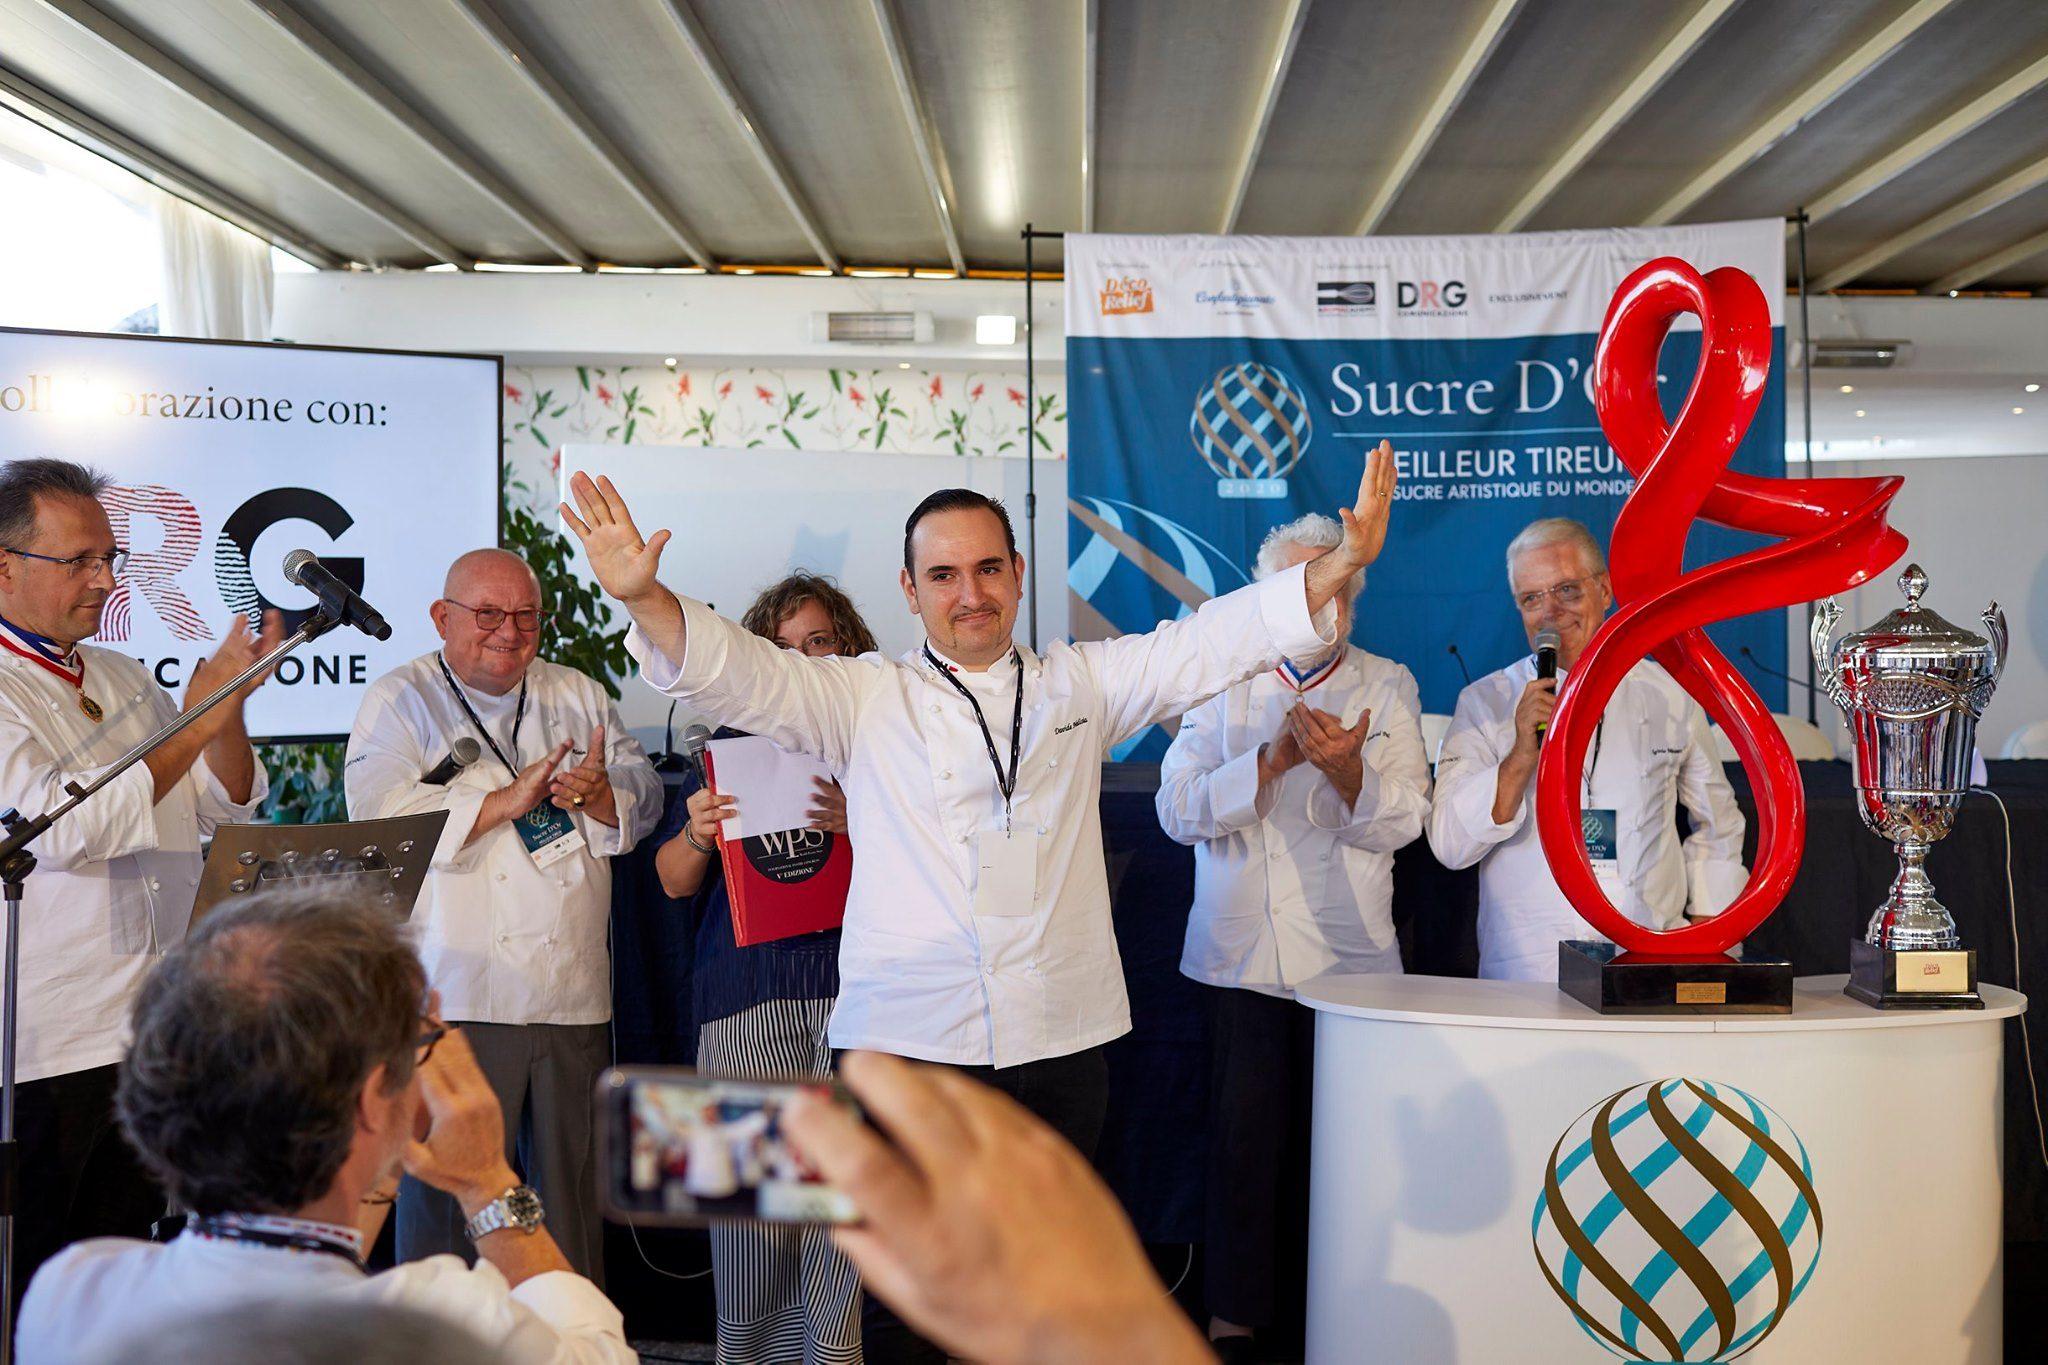 Un italiano vince uno dei premi più importanti nel mondo della pasticceria